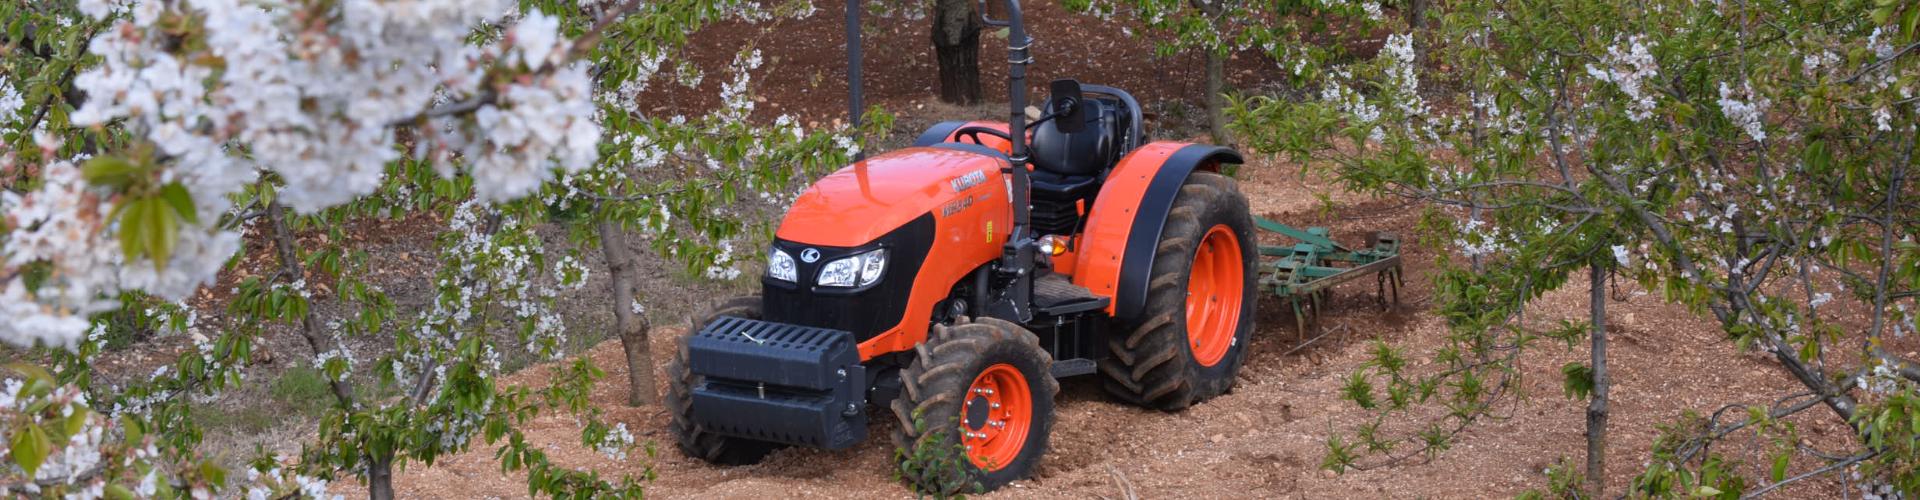 Narrow Tractors